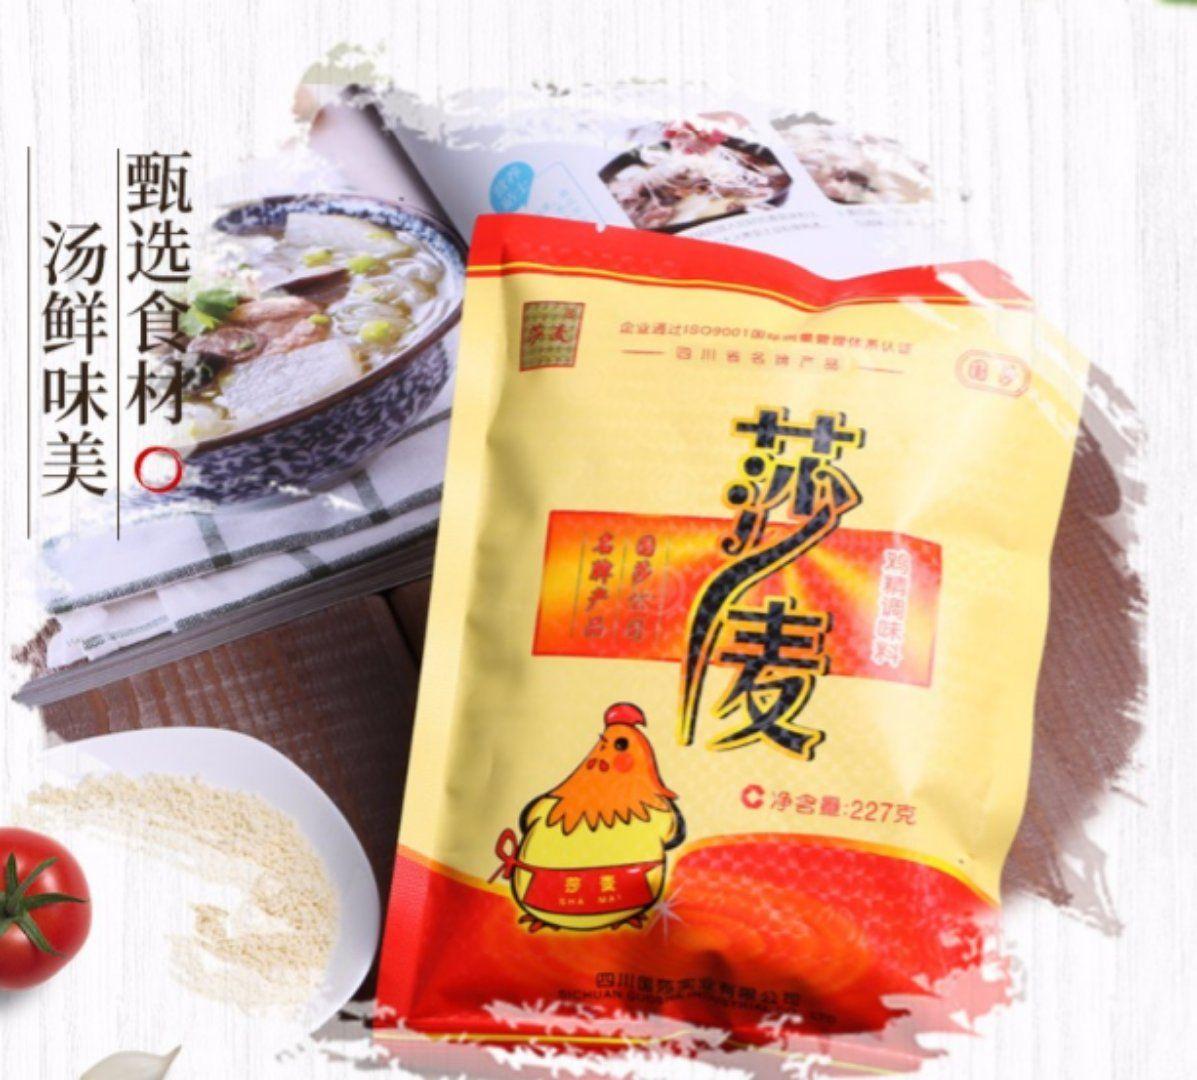 渝中农贸市场商家_更优异味精、鸡精